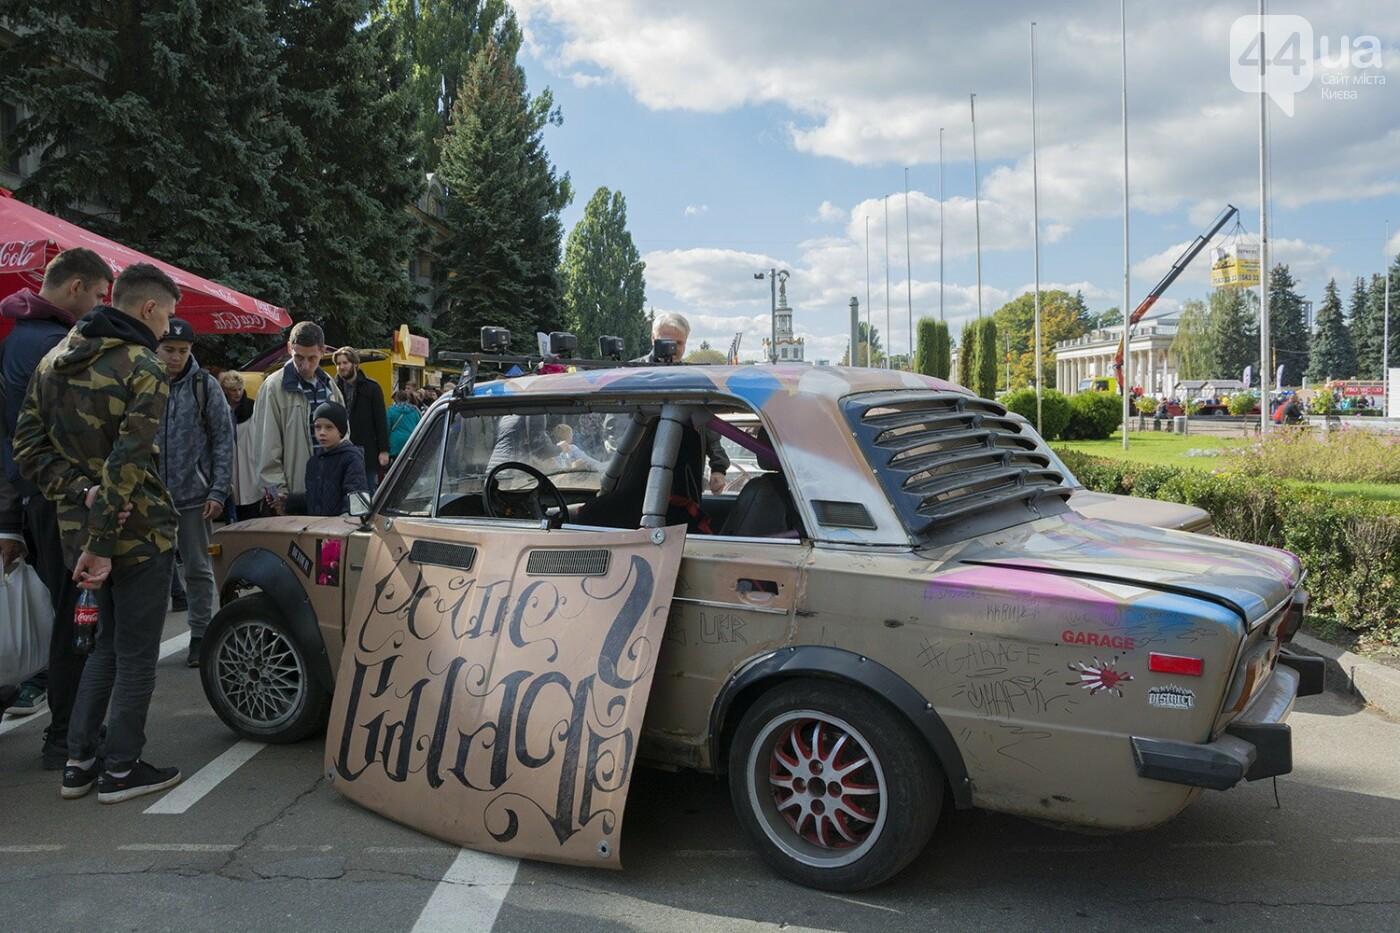 Old Car Land-2018: как прошел крупнейший автомобильный ретро-фестиваль Украины, - ФОТО, ВИДЕО, фото-15